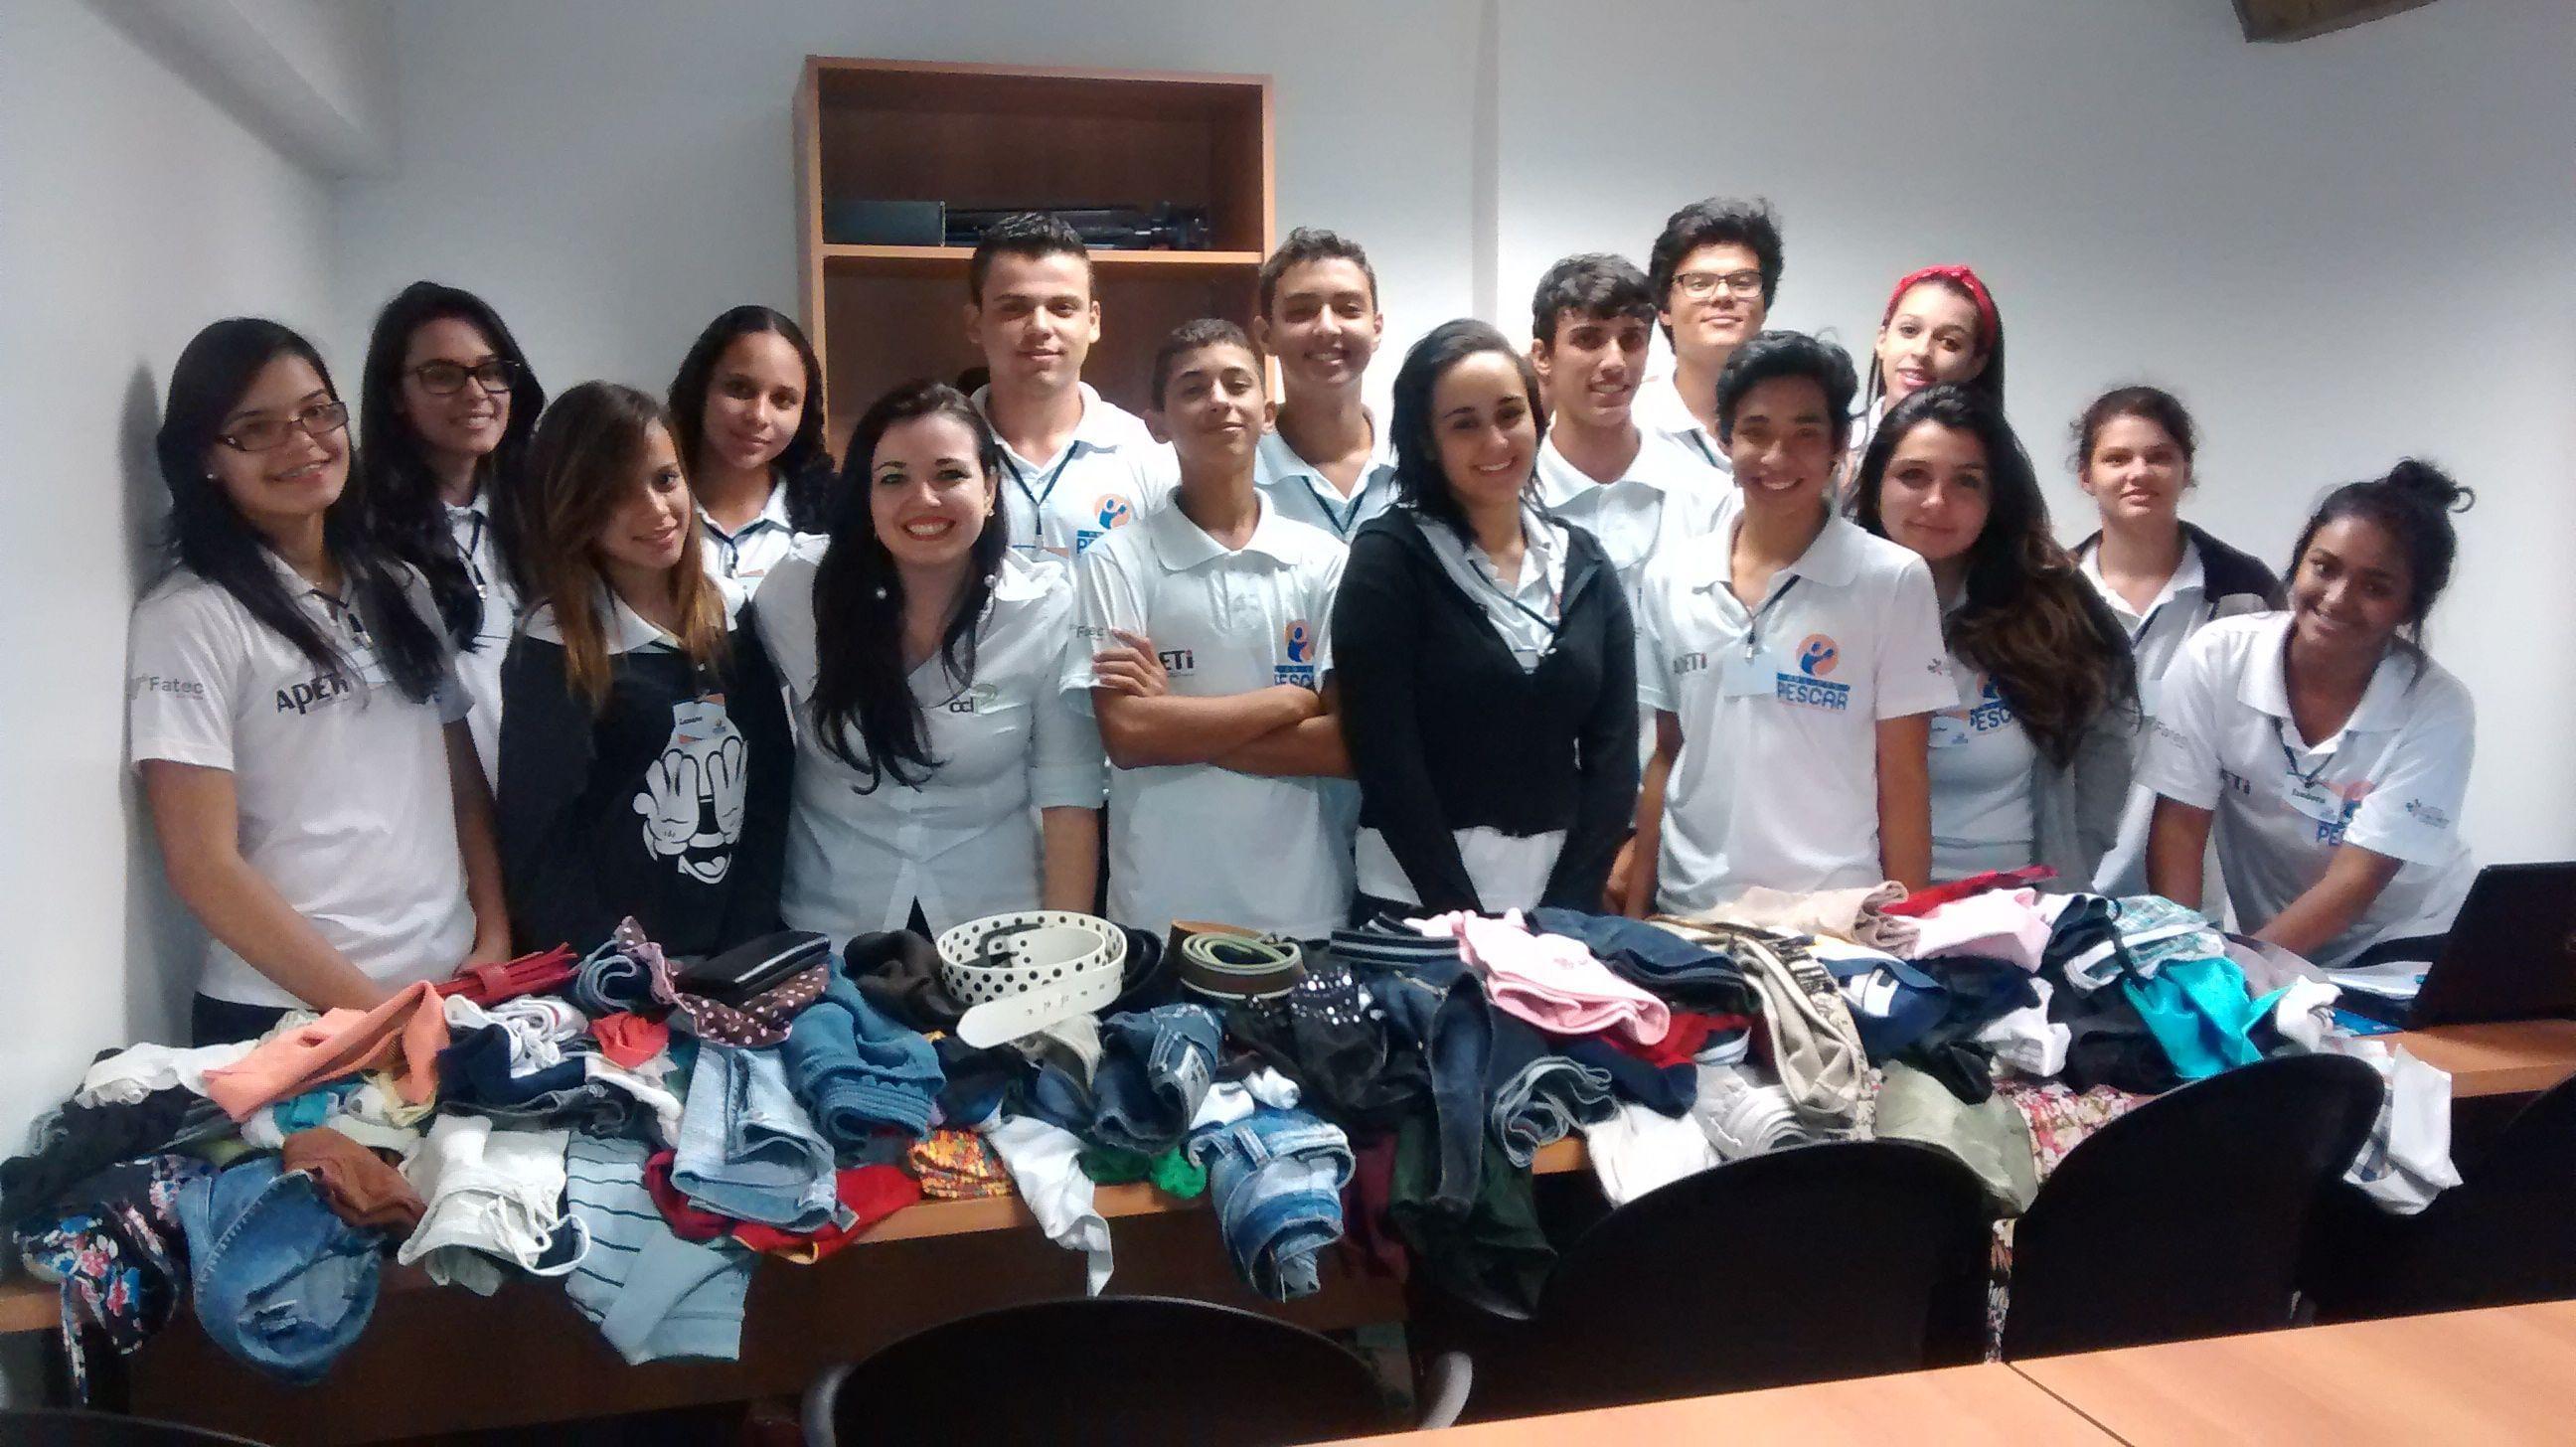 CCLi realiza campanha de arrecadação de roupas para o Projeto Pescar